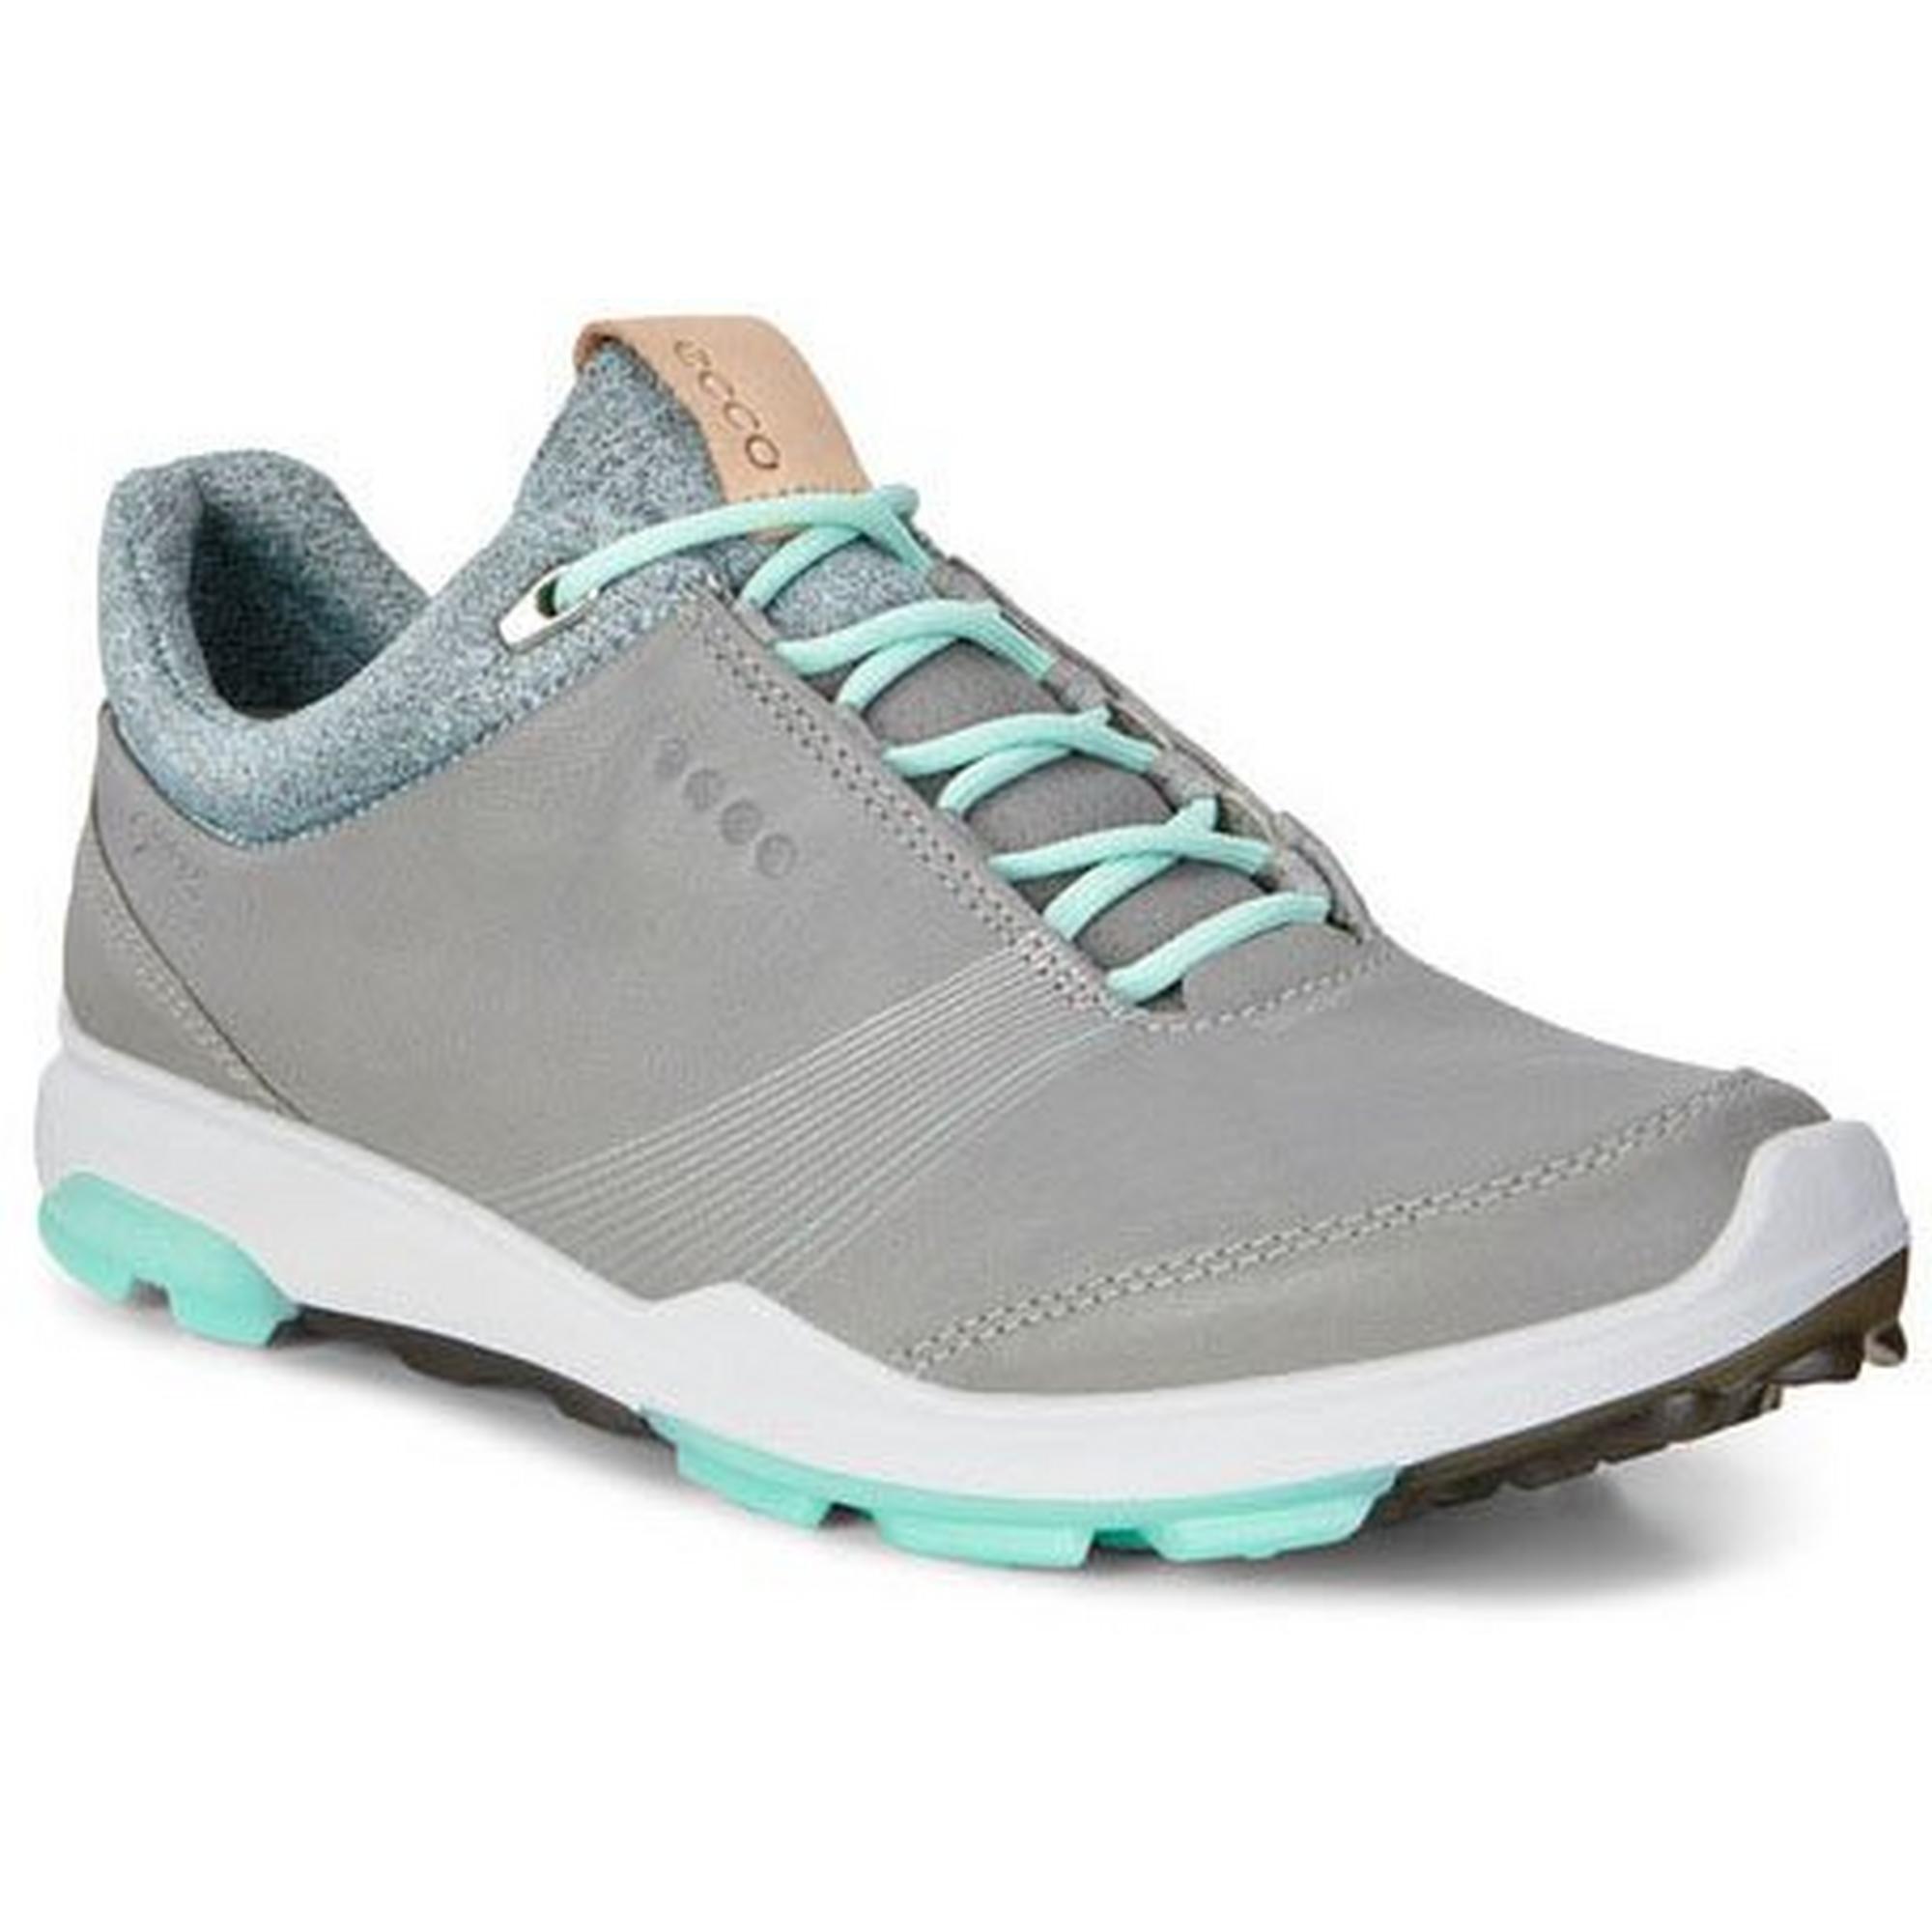 Womens Goretex Biom Hybird 3 Spikeless Golf Shoe - GRY/GRN